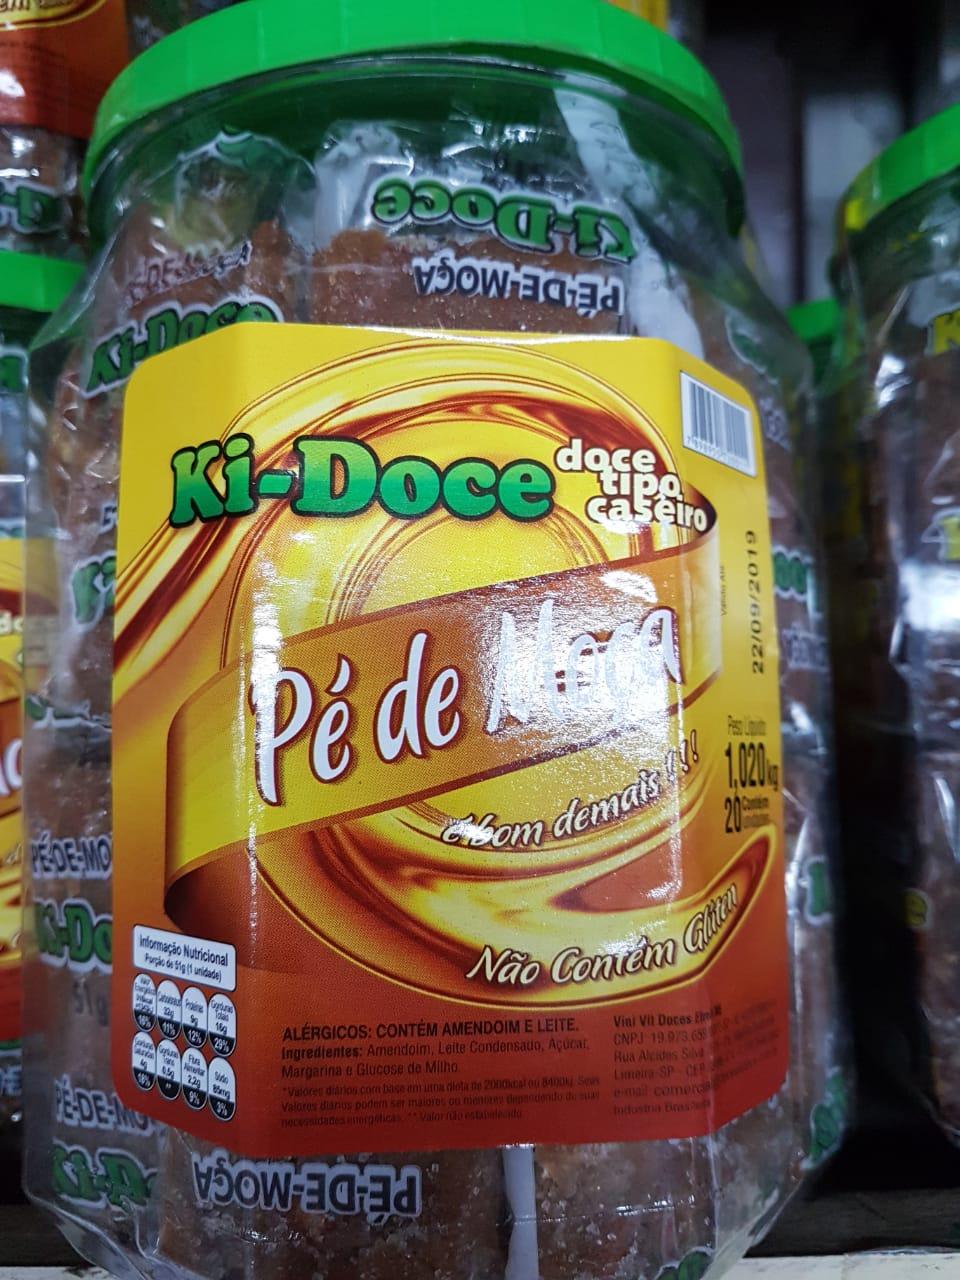 PÉ DE MOÇA C/20 EMBALADO 1,02KG- KI-DOCE